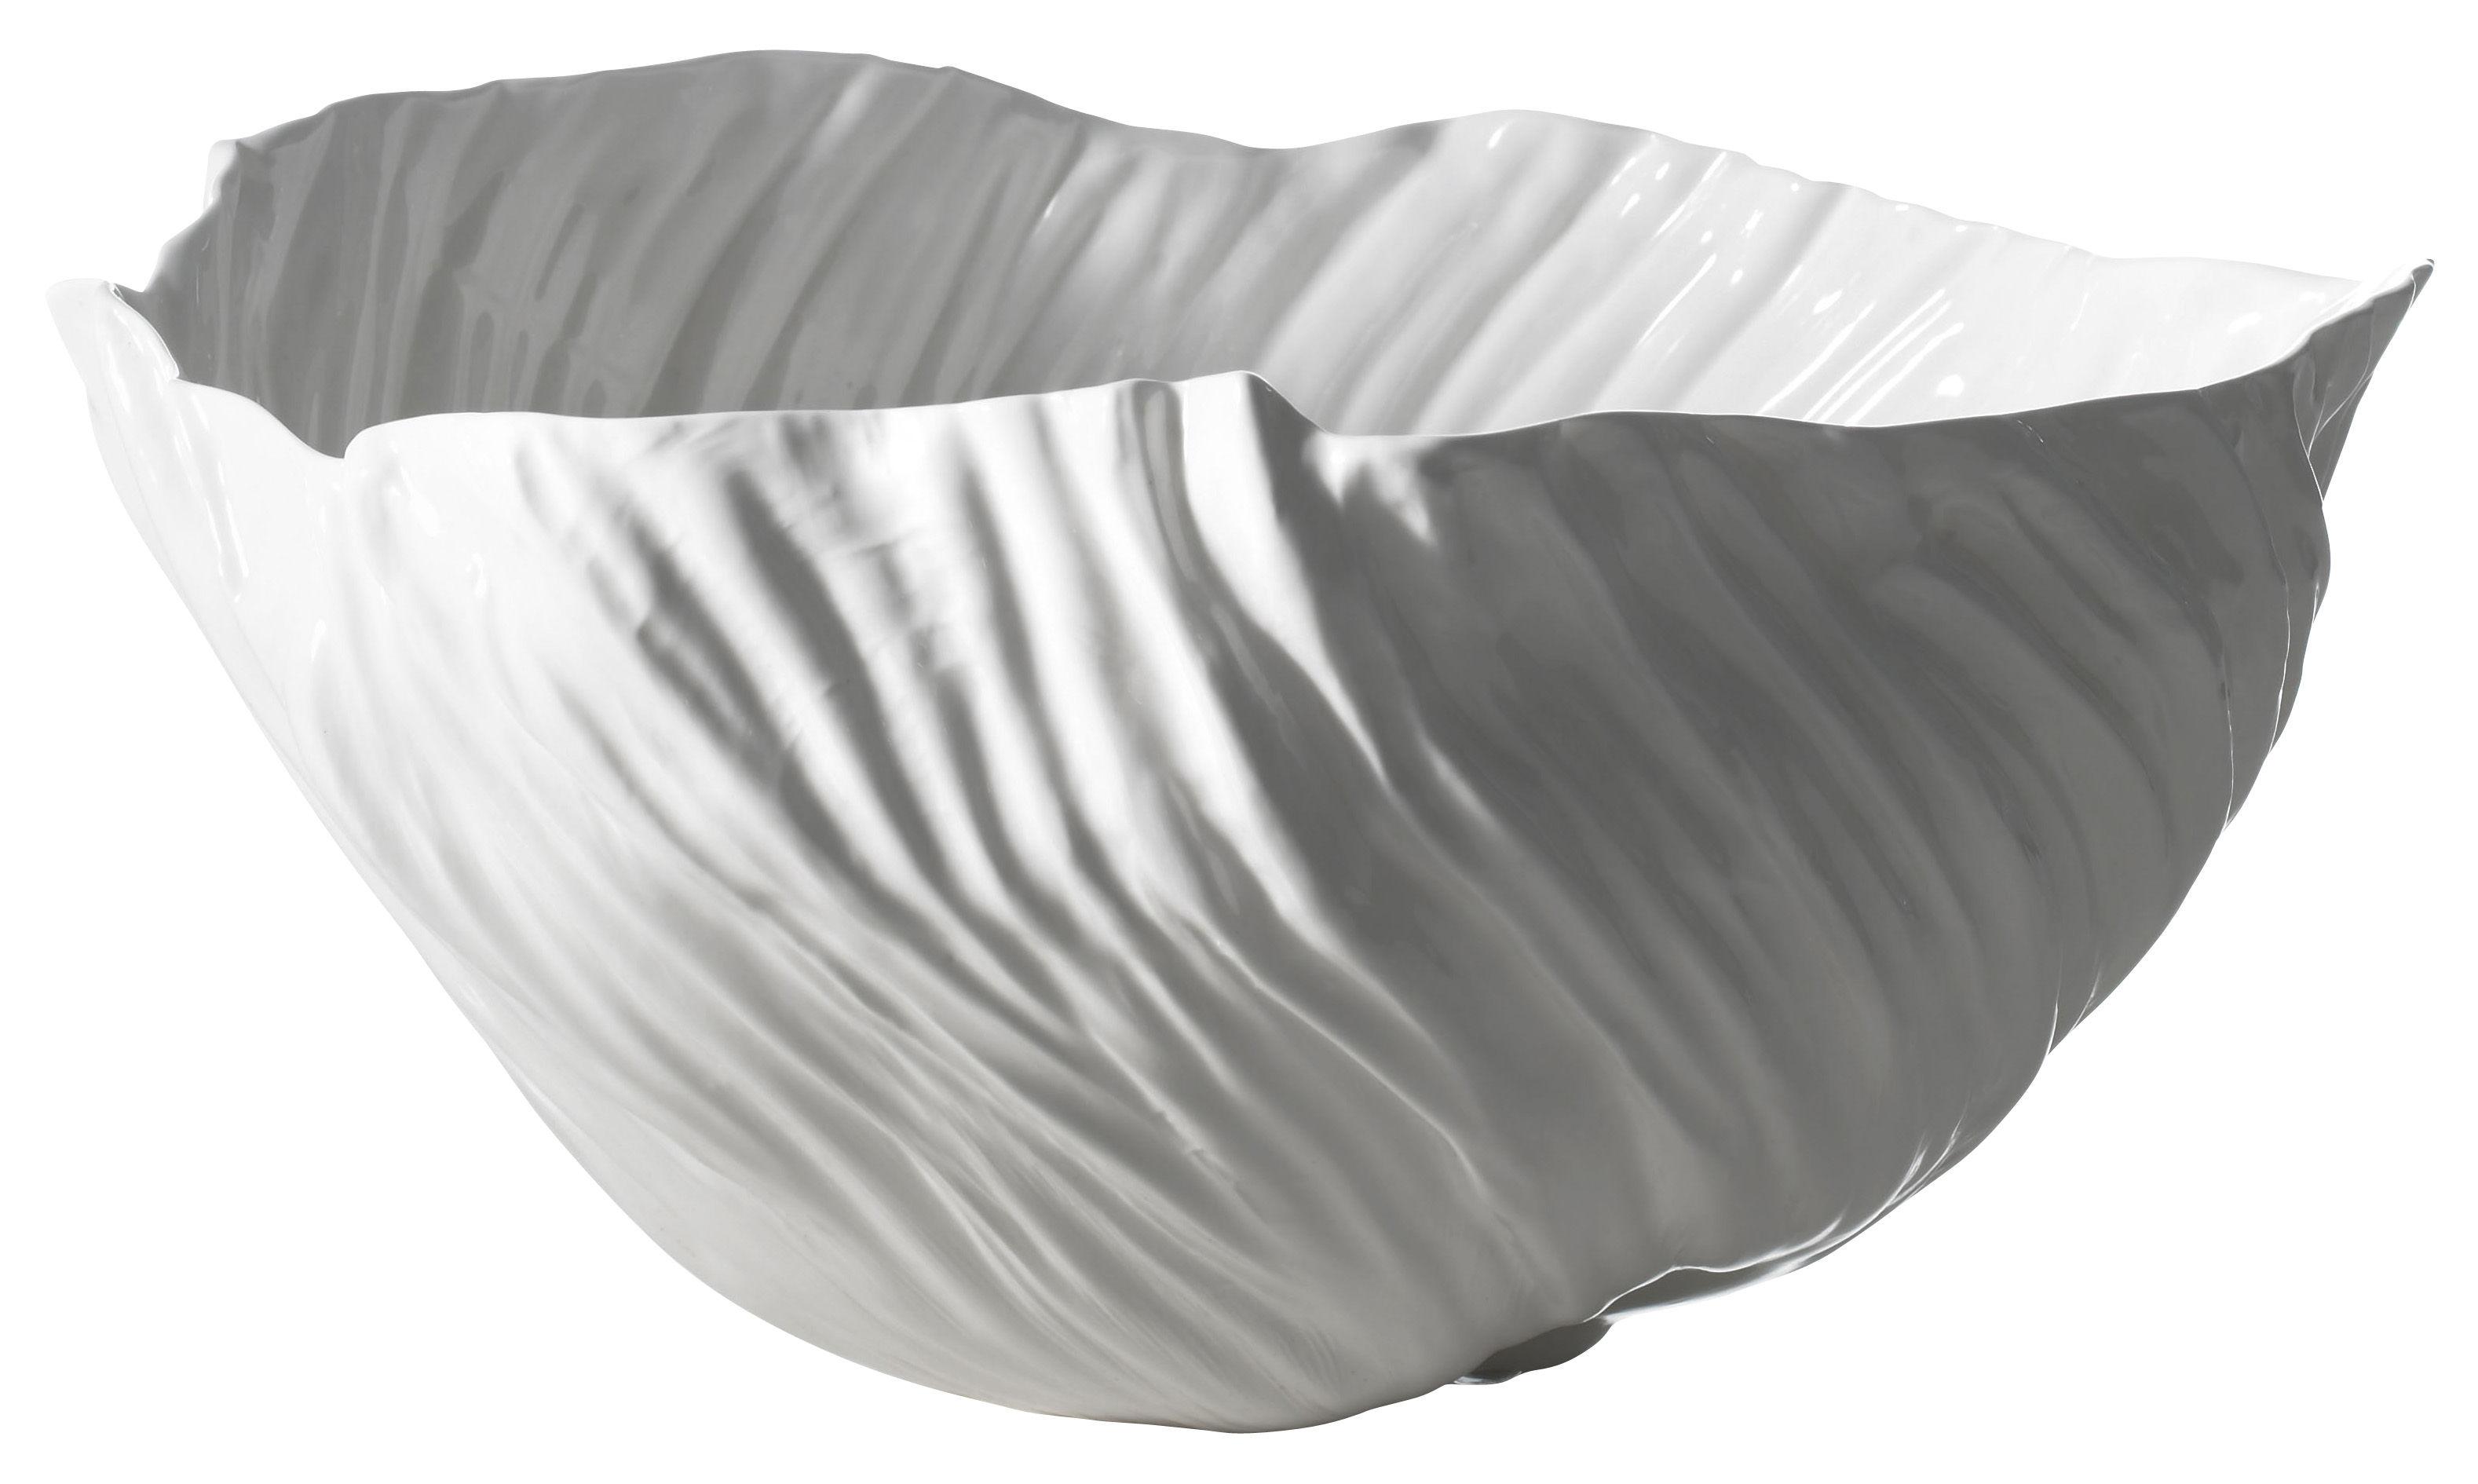 Tavola - Cesti, Fruttiere e Centrotavola - Centrotavola Adelaïde III di Driade Kosmo - Bianco - Porcellana Bone China